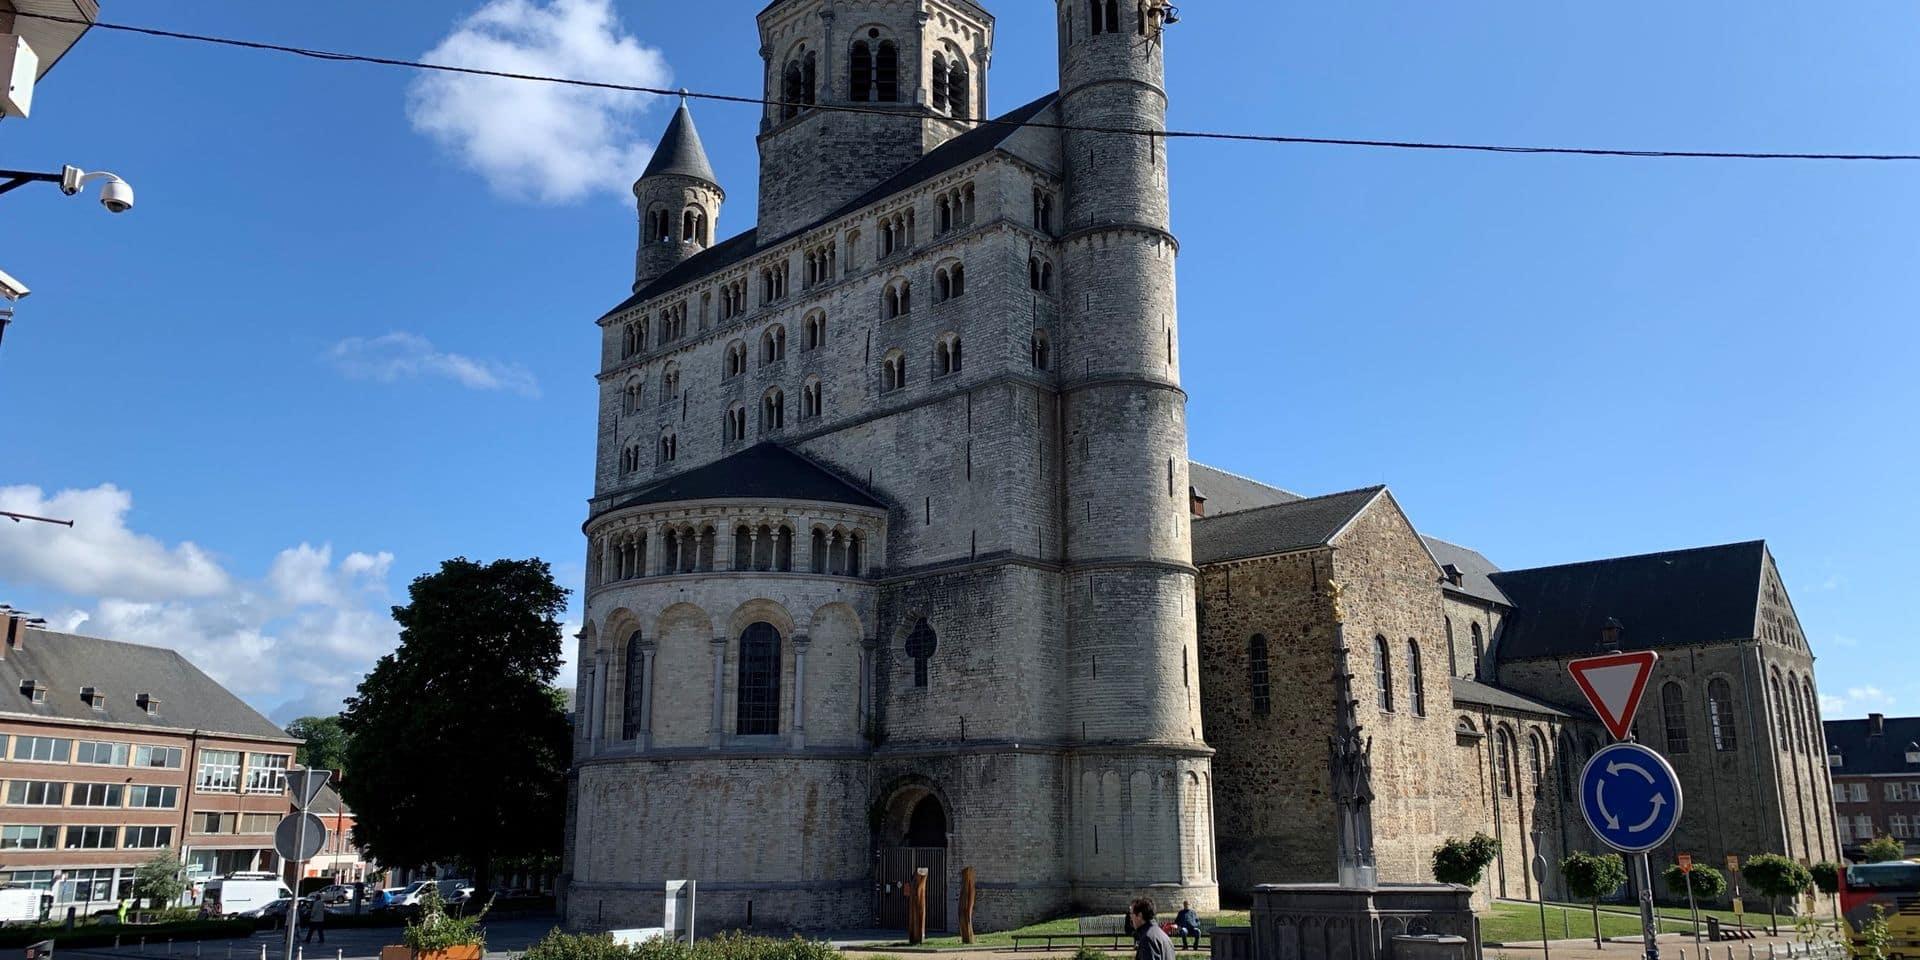 L'architecte qui avait rénové la collégiale Sainte-Gertrude à Nivelles est décédé